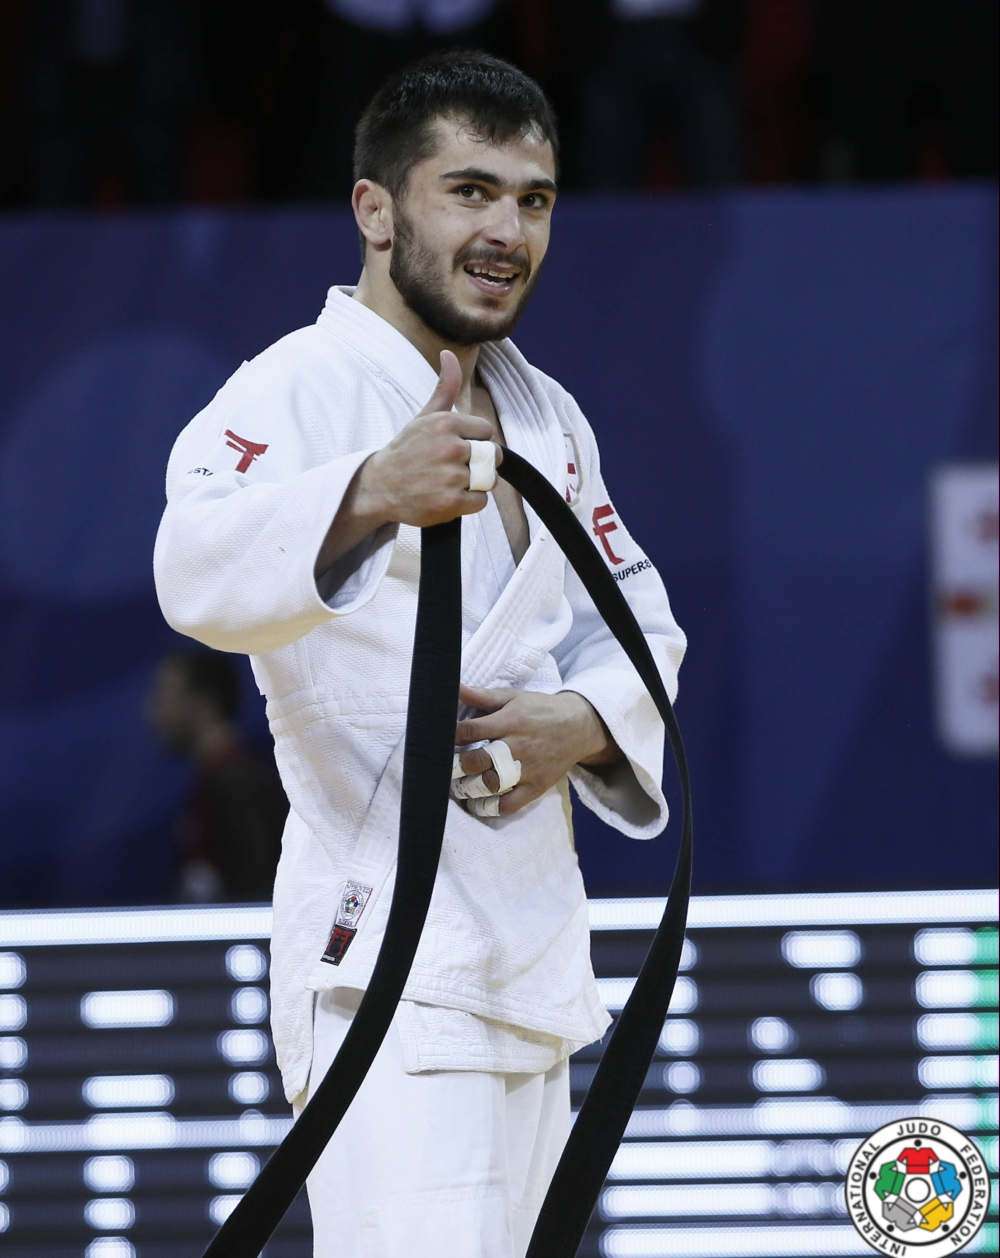 Vazha Margvelashvili won Tbilisi Grand Prix